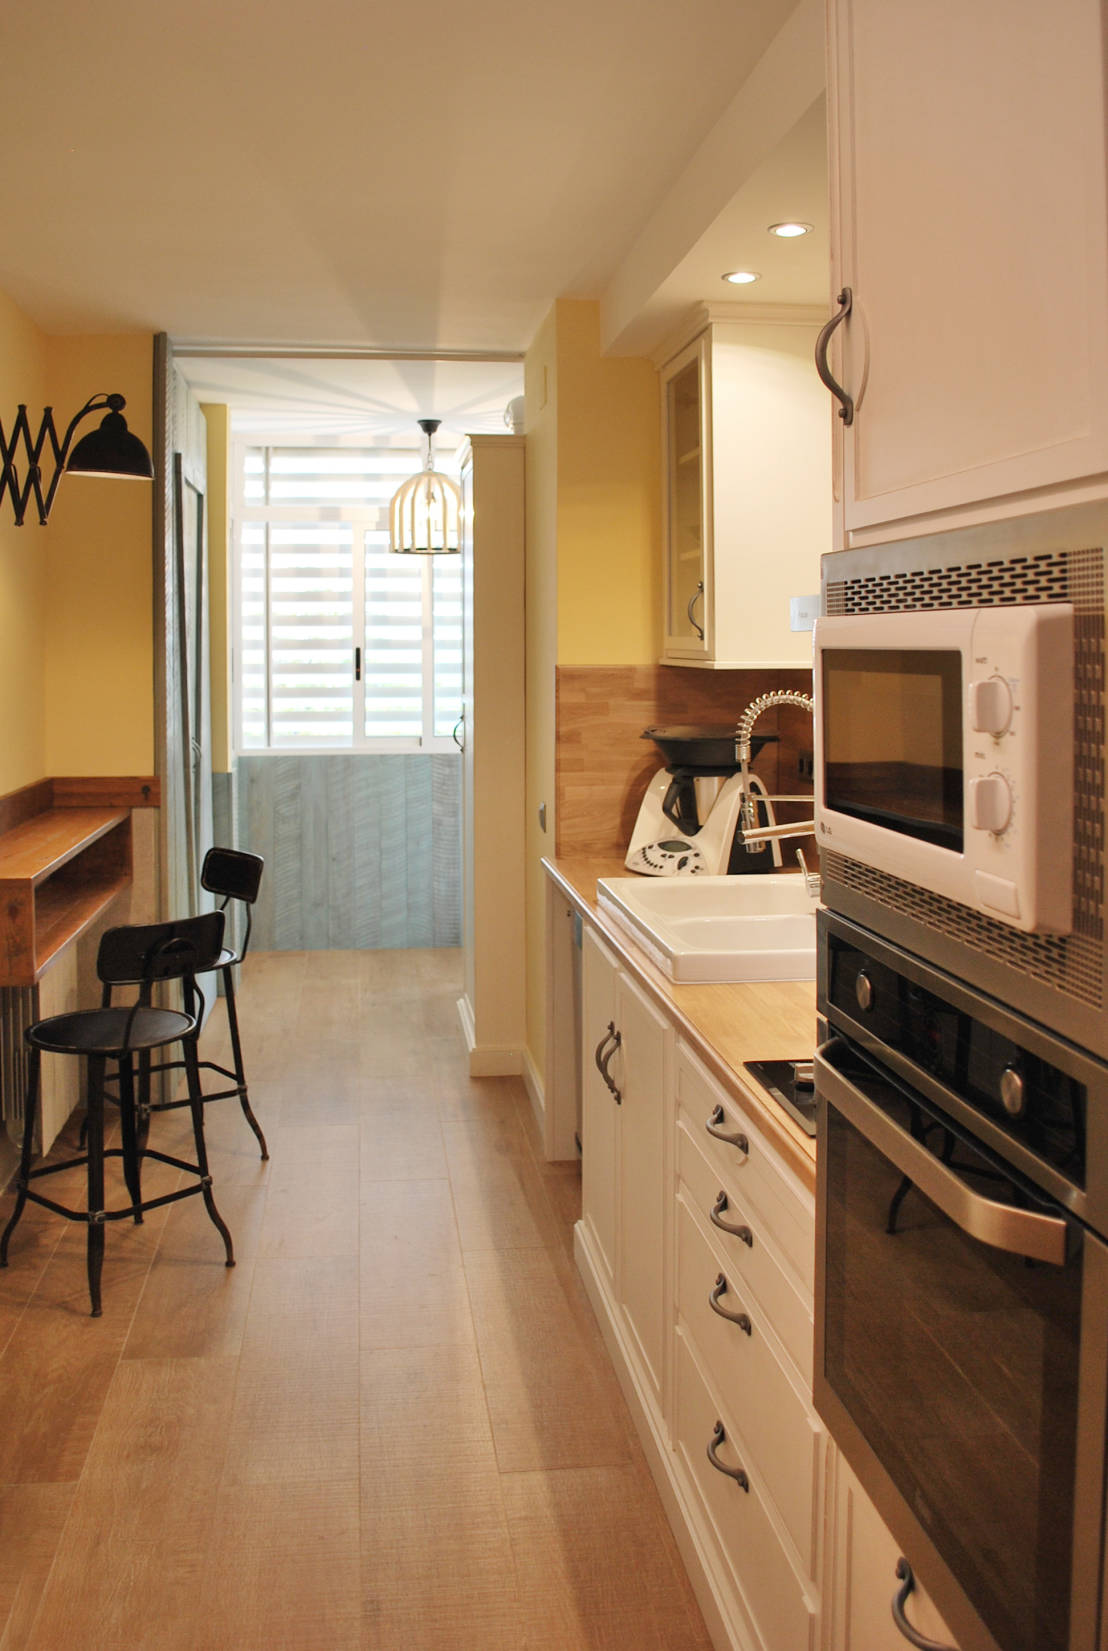 7 cocinas peque as que debes ver antes de dise ar la tuya for Amueblar cocina alargada